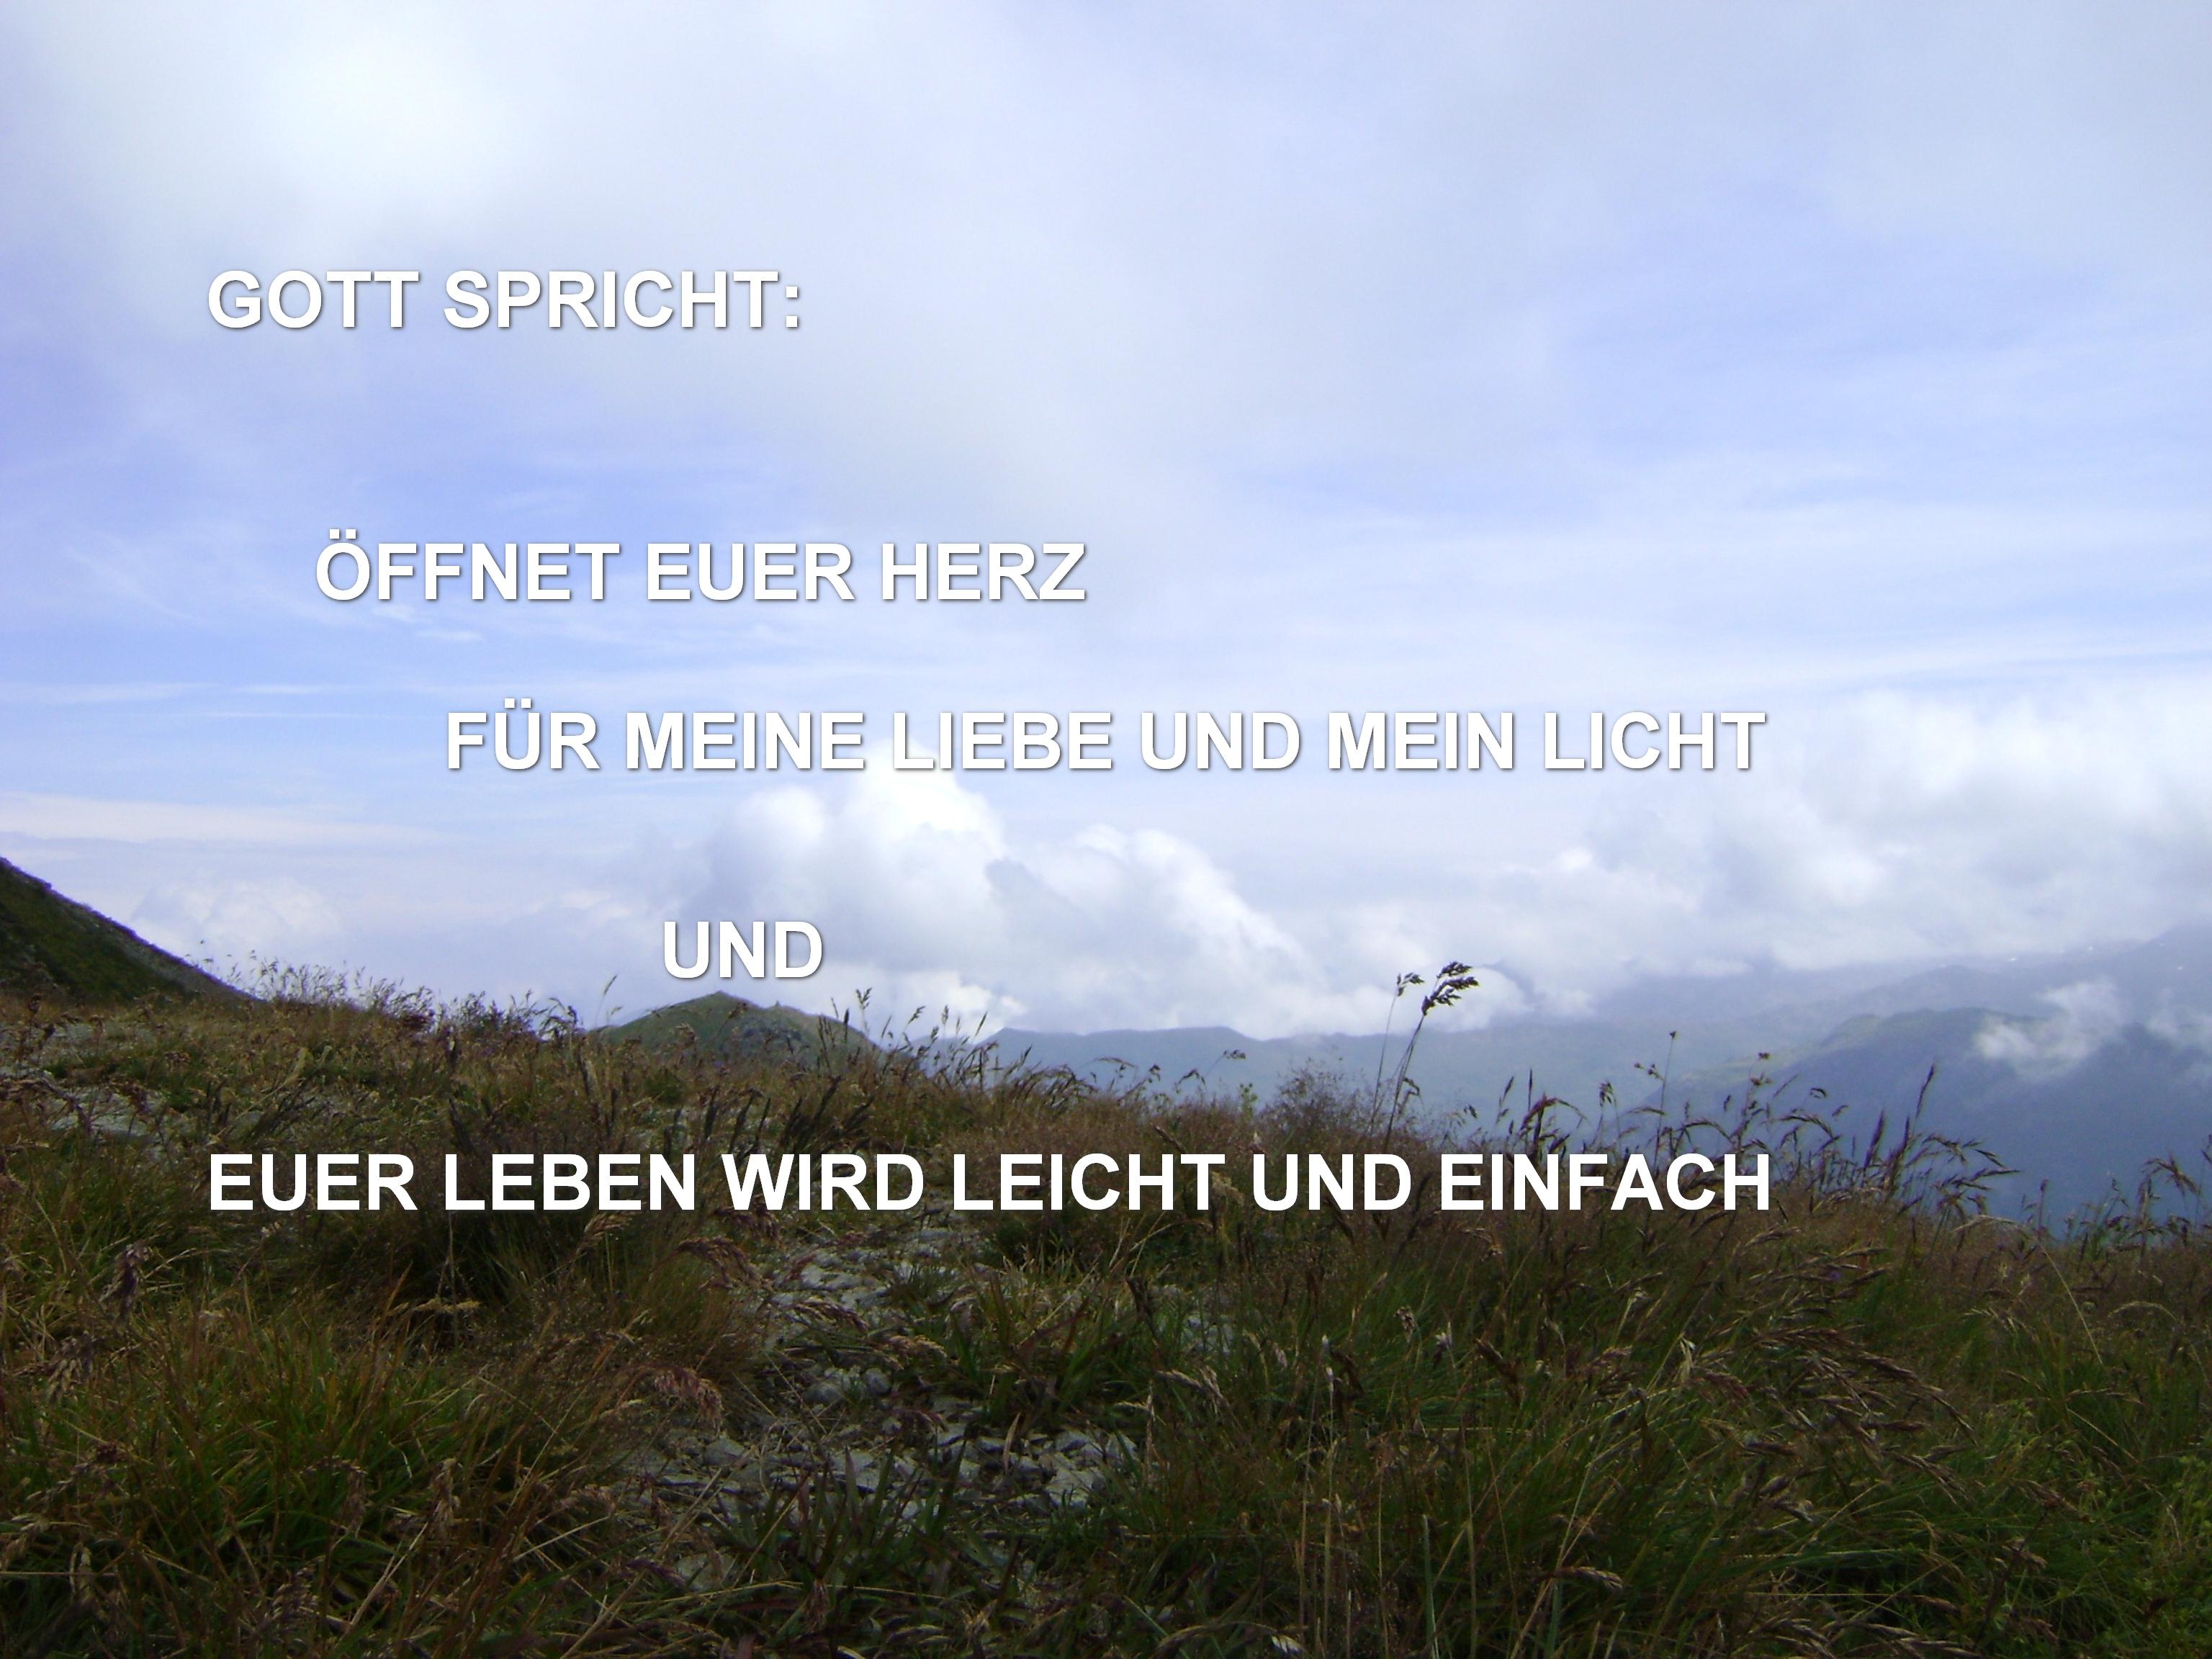 DSC02651 Bild Gott Öffnet euer Herz